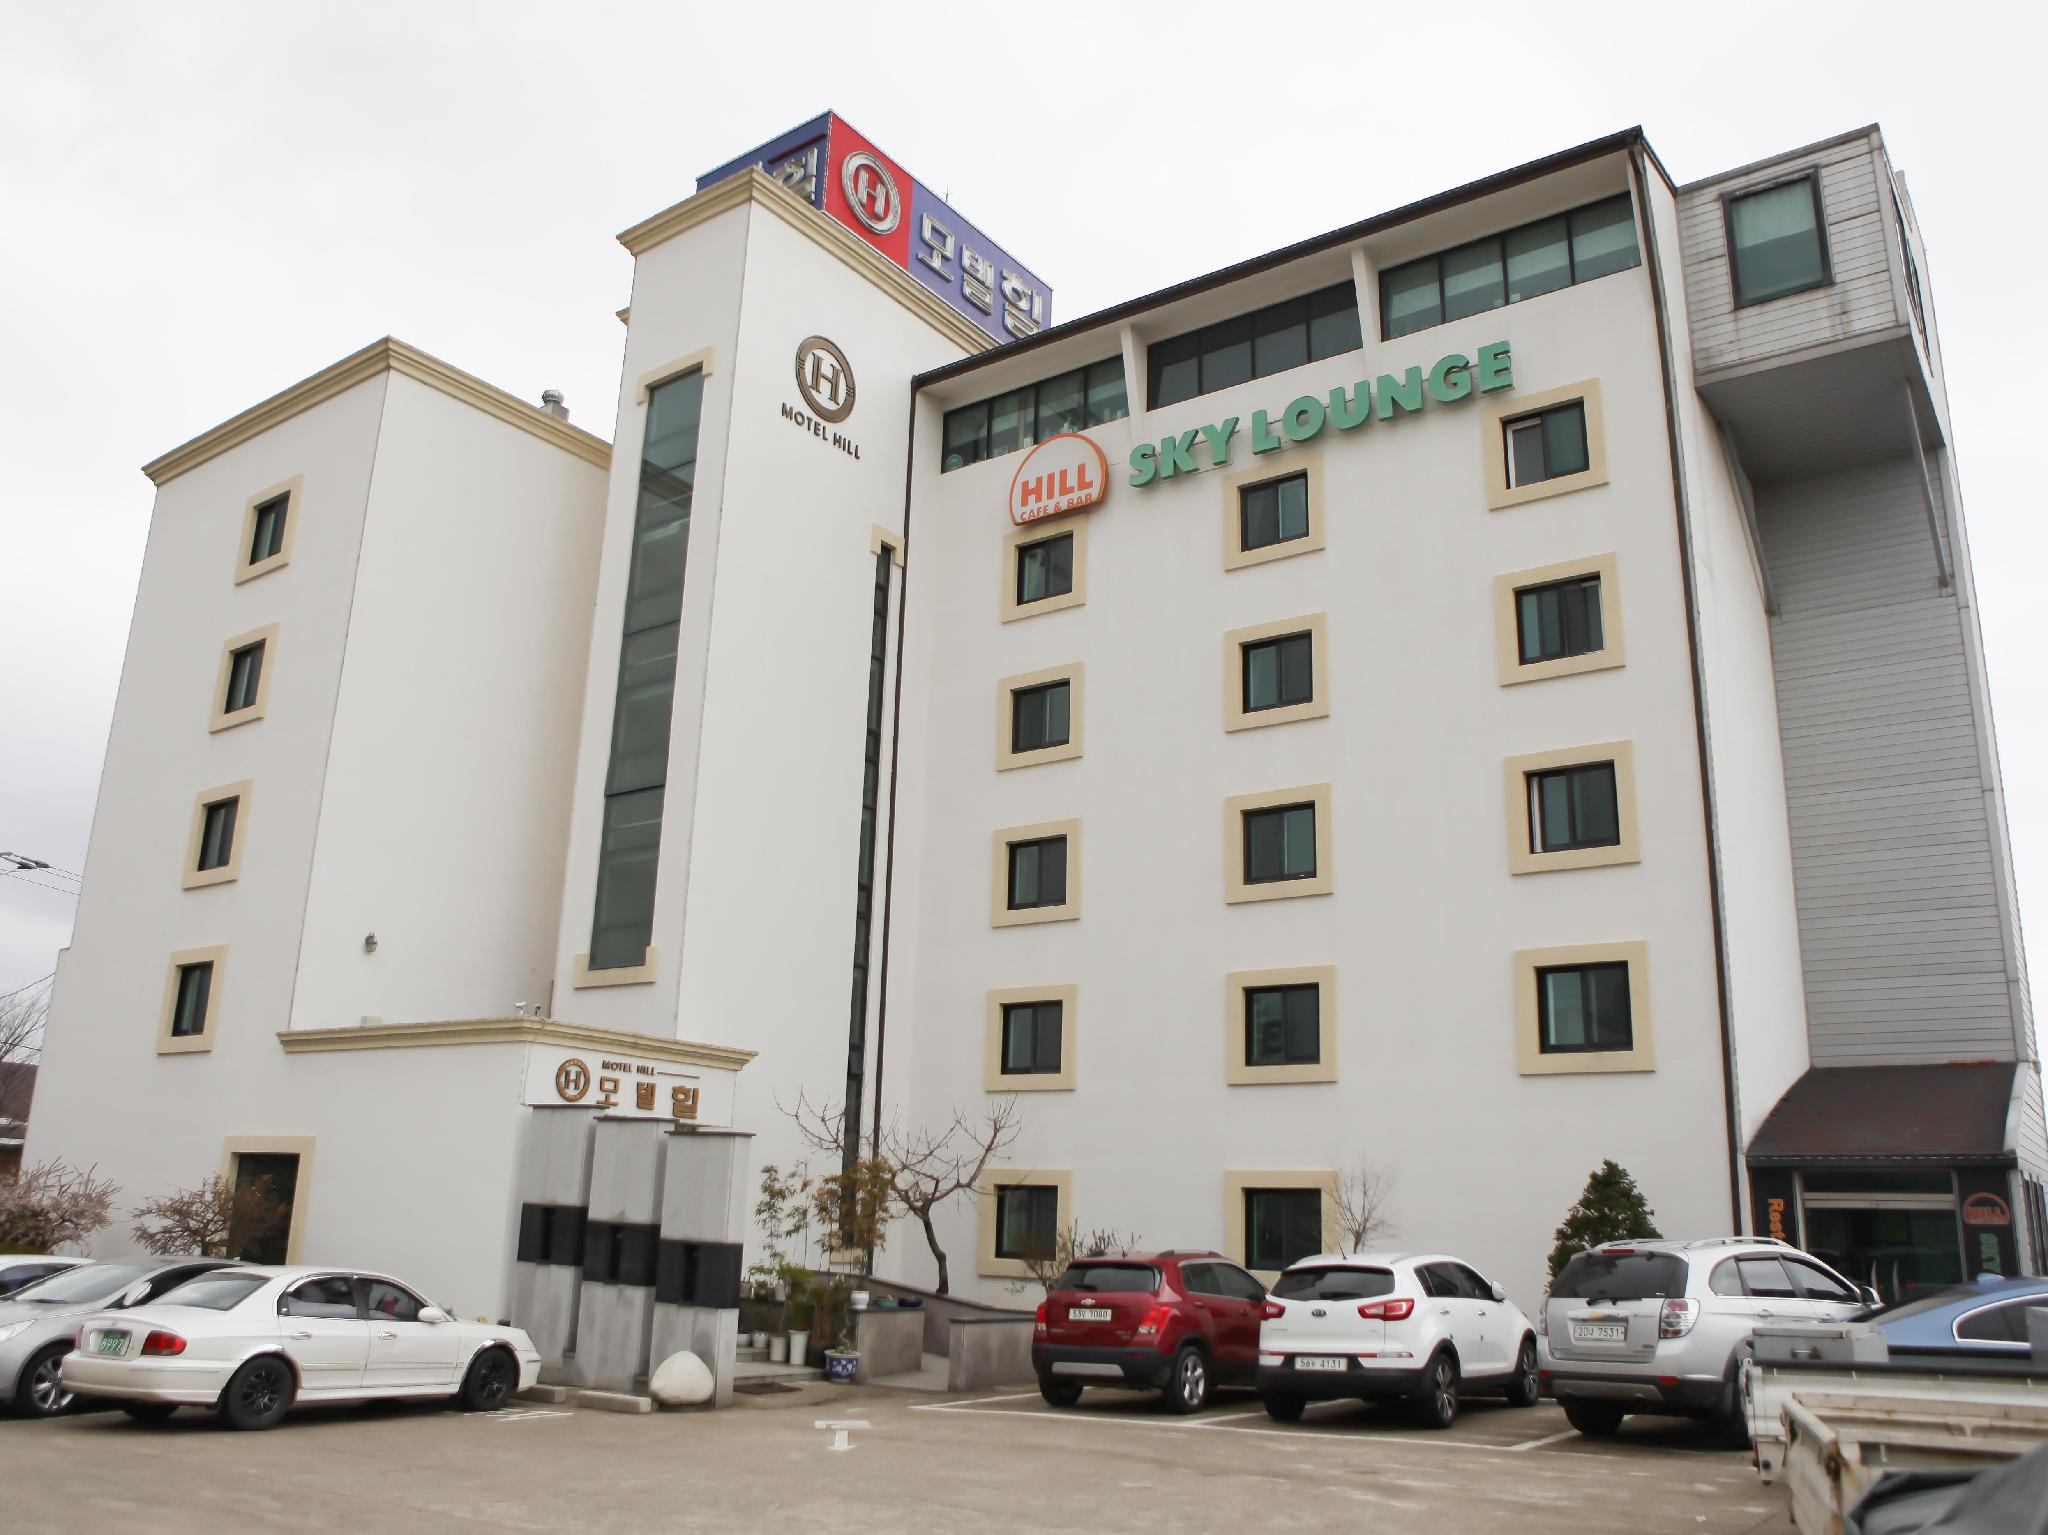 โรงแรม กูดสเตย์ โมเต็ล ฮิลล์  (Goodstay Motel Hill)